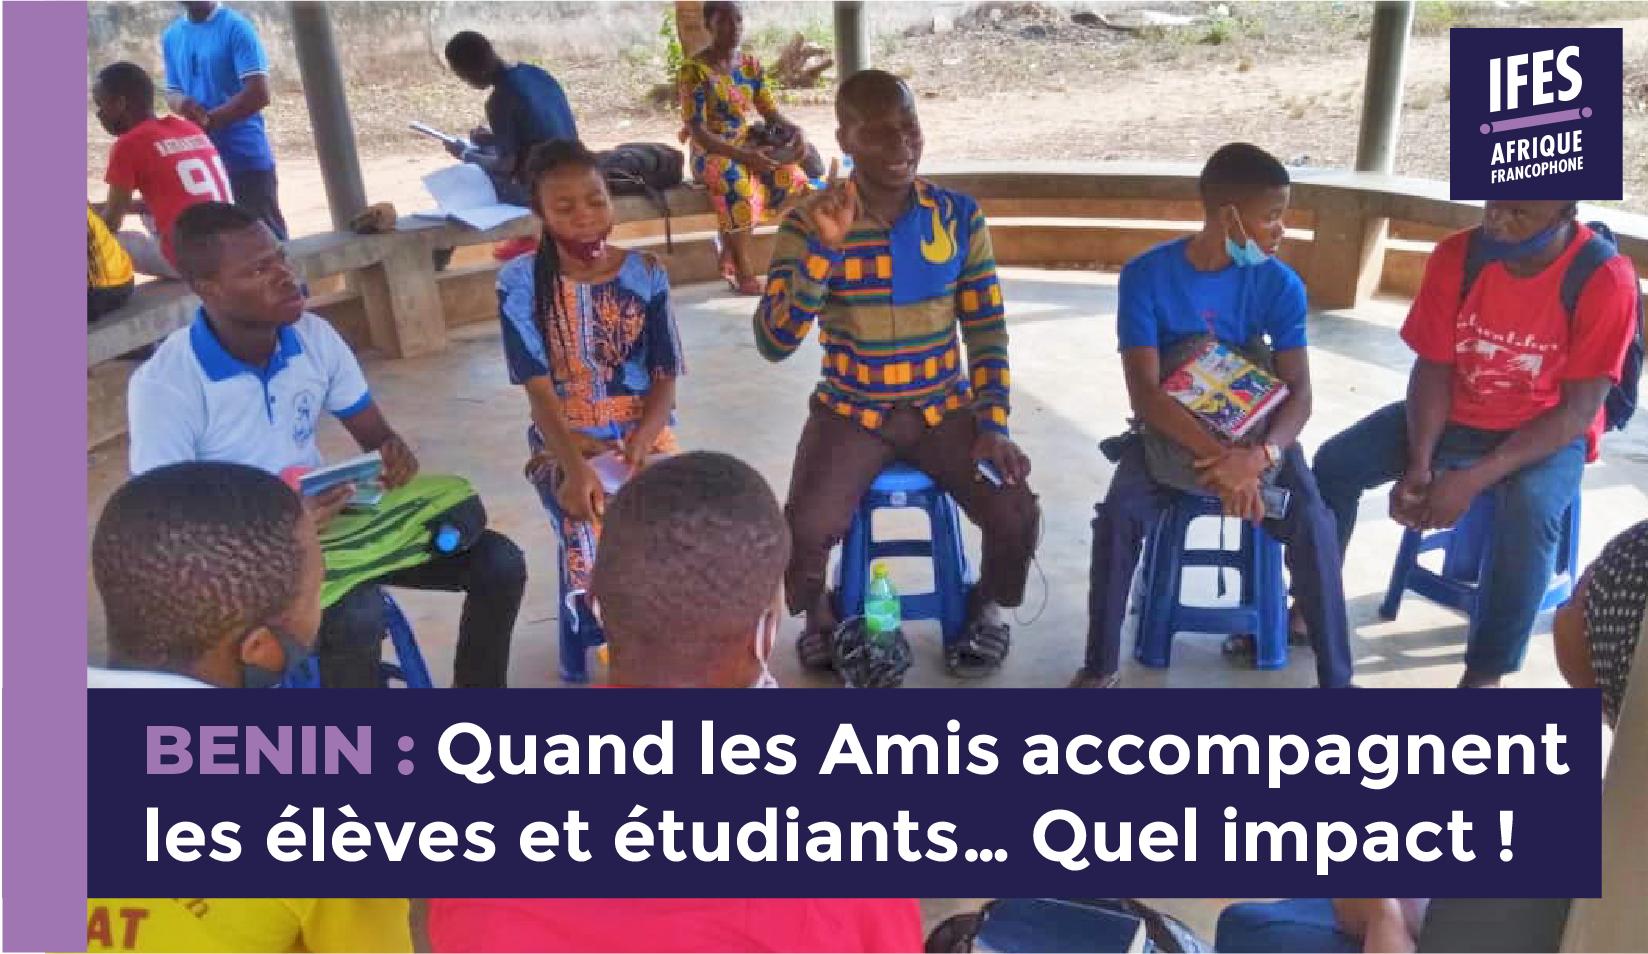 BENIN : Quand les Amis accompagnent les élèves et étudiants… Quel impact !